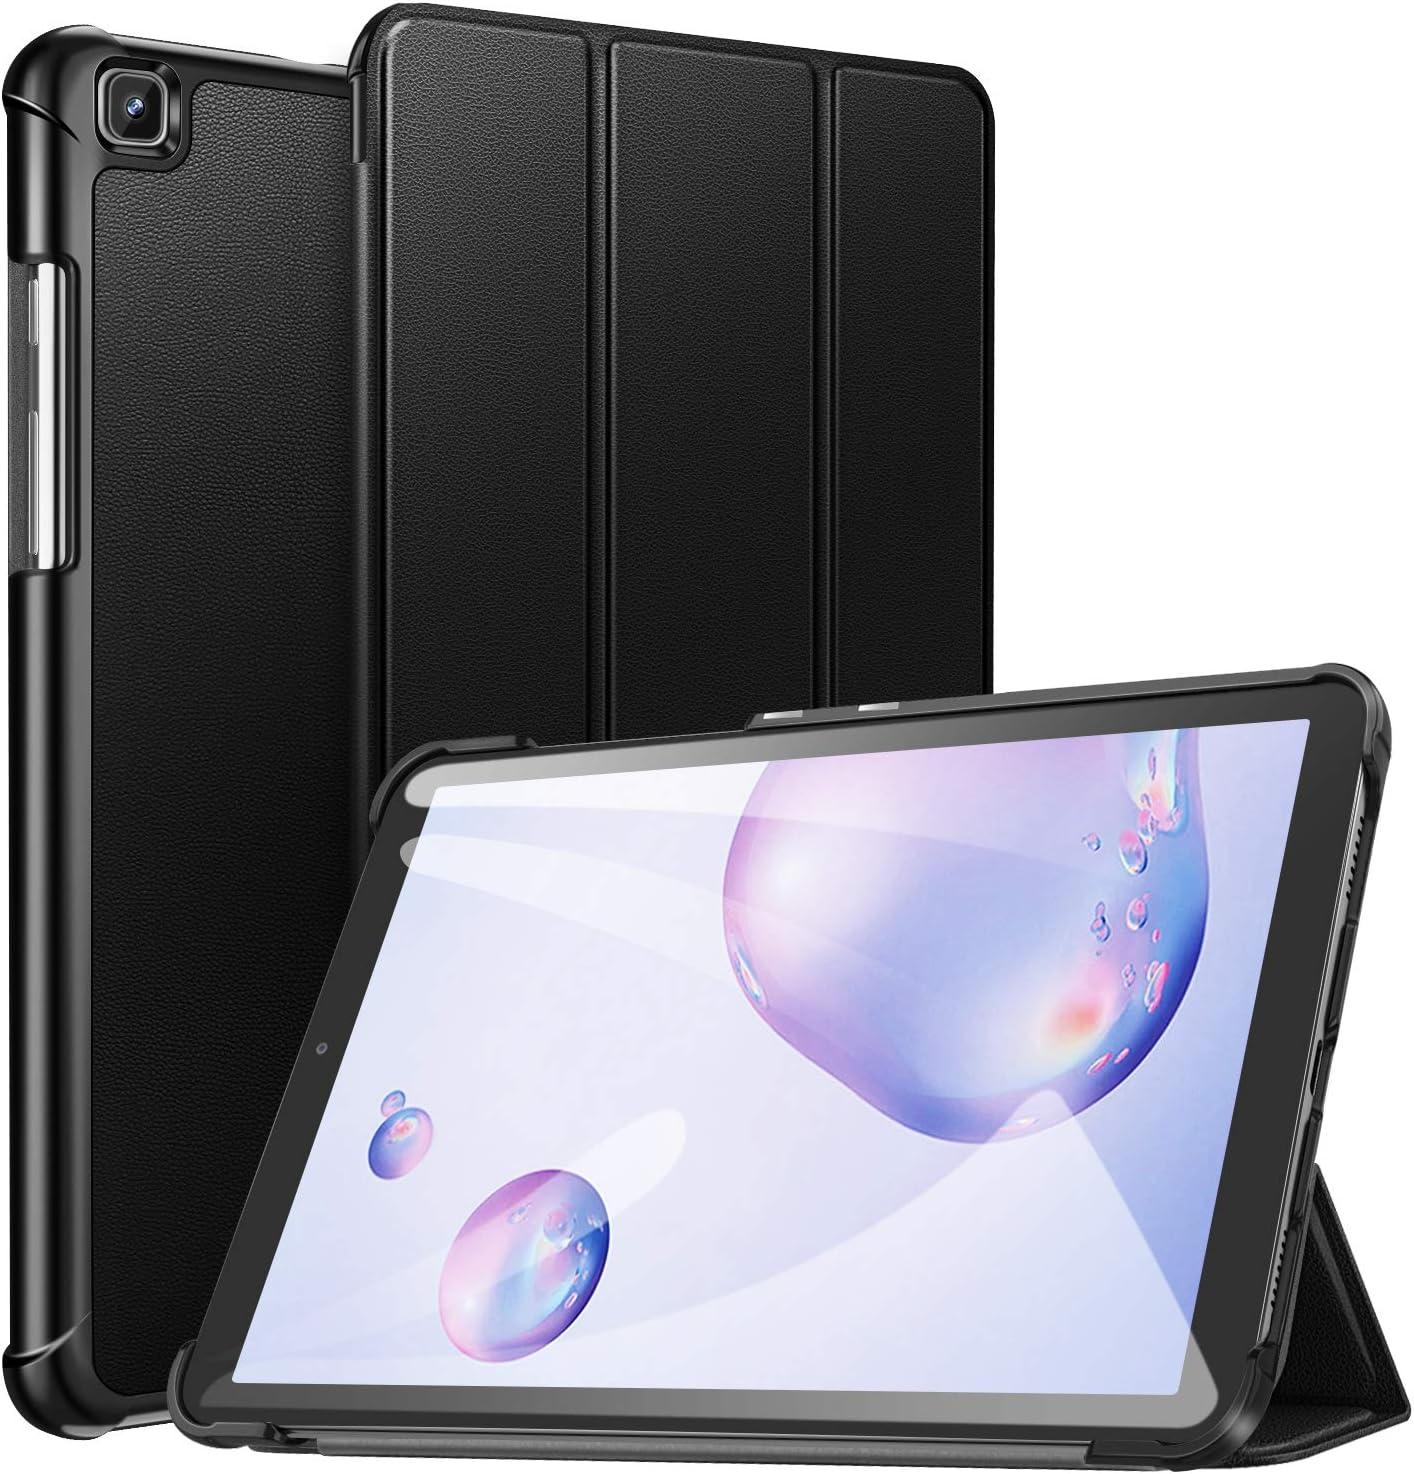 ZtotopCase Coque rigide ultra fine et légère pour Samsung Galaxy Tab A 8.4 2020 avec support à trois volets pour tablette SM-T307 Samsung Tab A 8,4